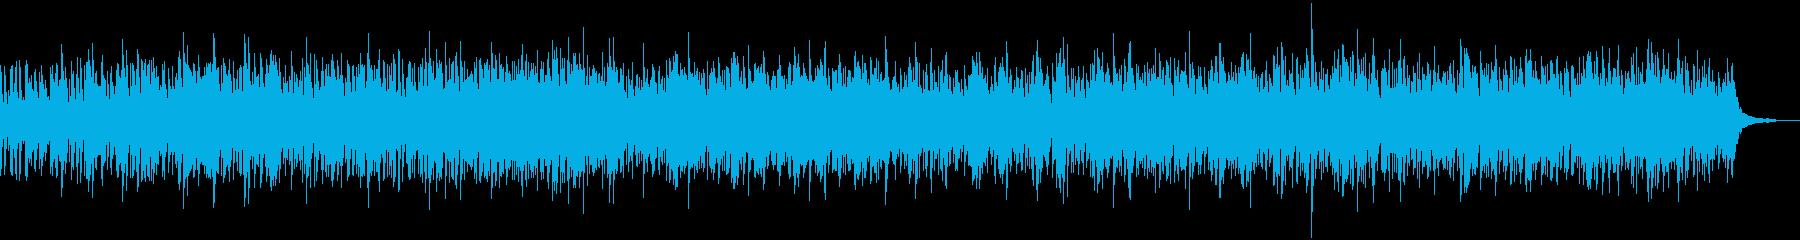 アコースティック、ウクレレベースの...の再生済みの波形